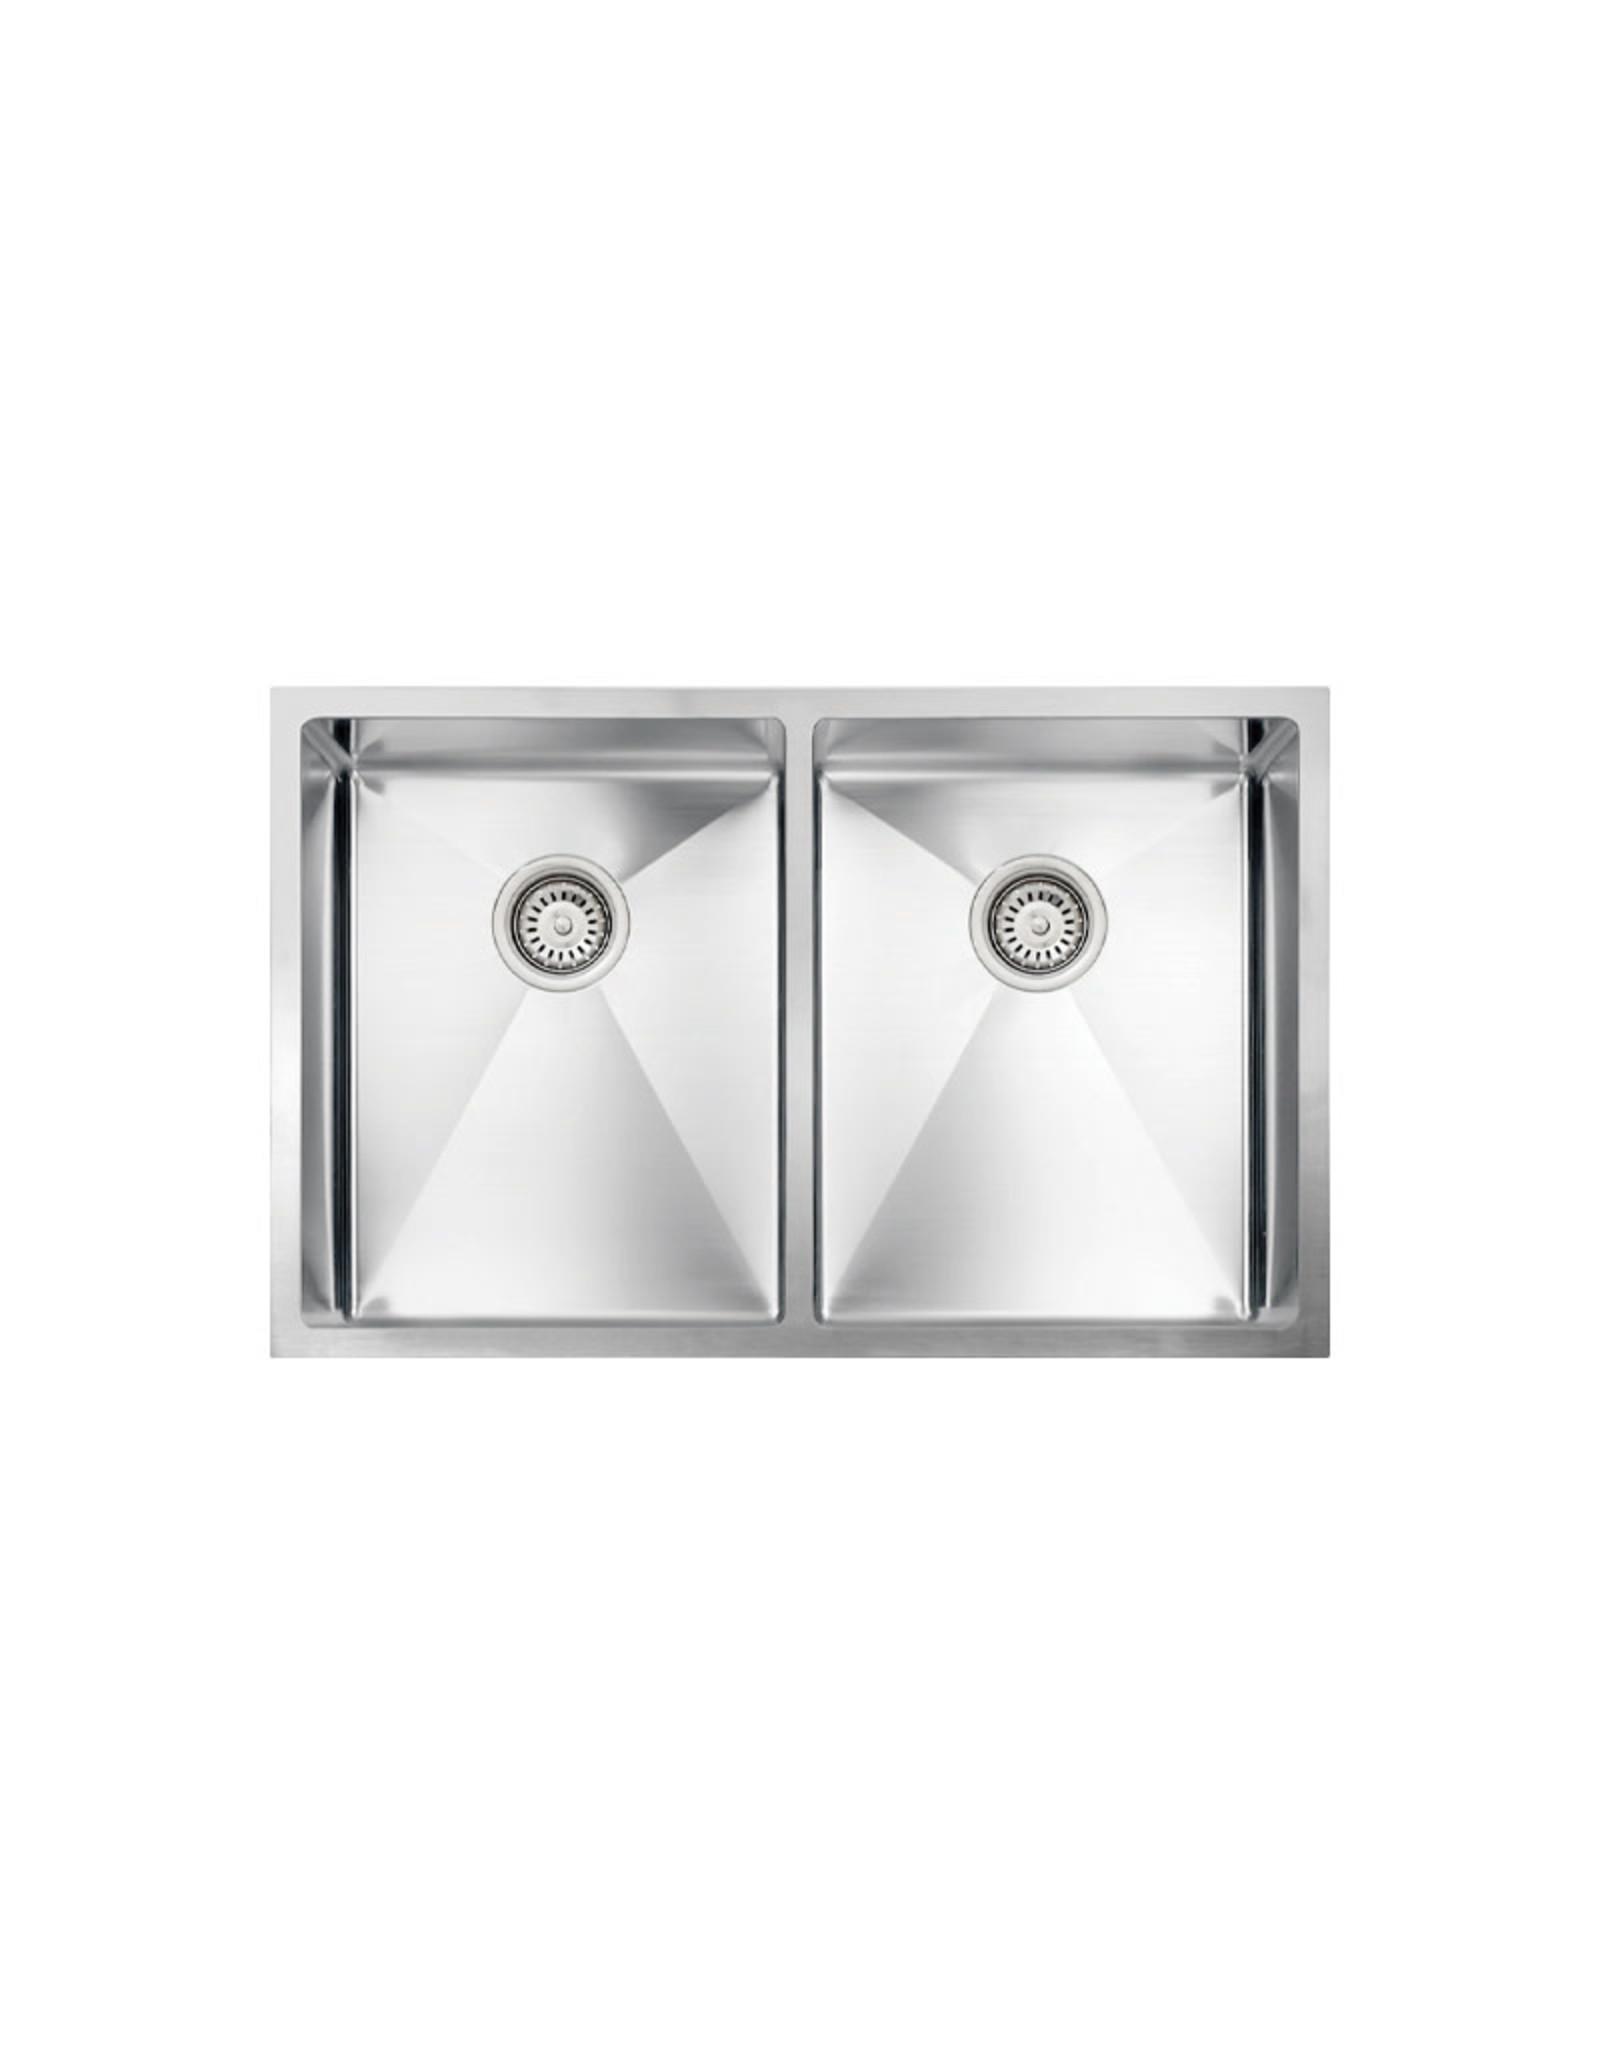 """Vogt Modling 18R Undermount Kitchen Sink Double Bowl (50/50) 30"""" x 18"""" x 10"""""""